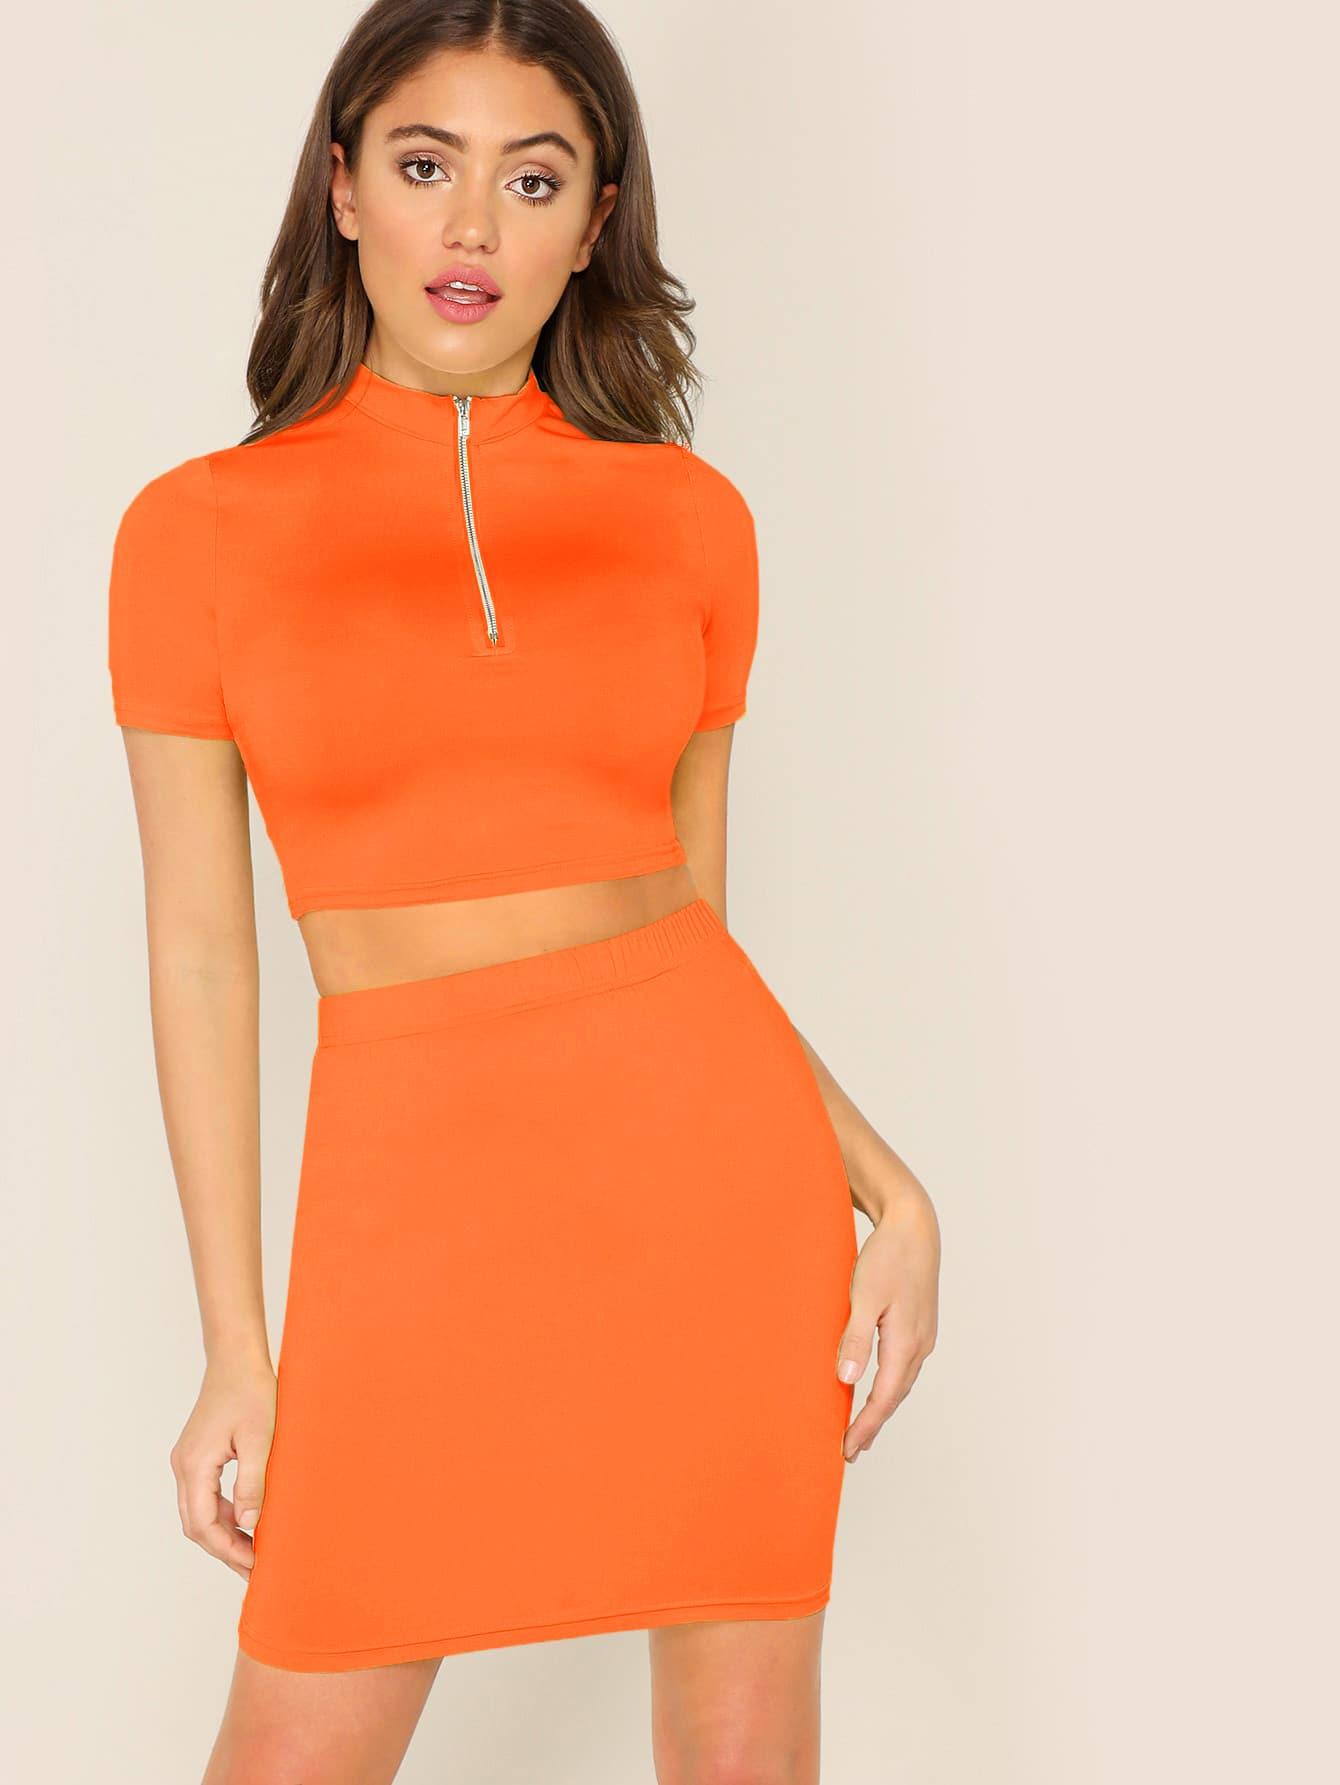 Фото - Топ с воротником-стойкой и короткой молнией и юбка от SheIn оранжевого цвета